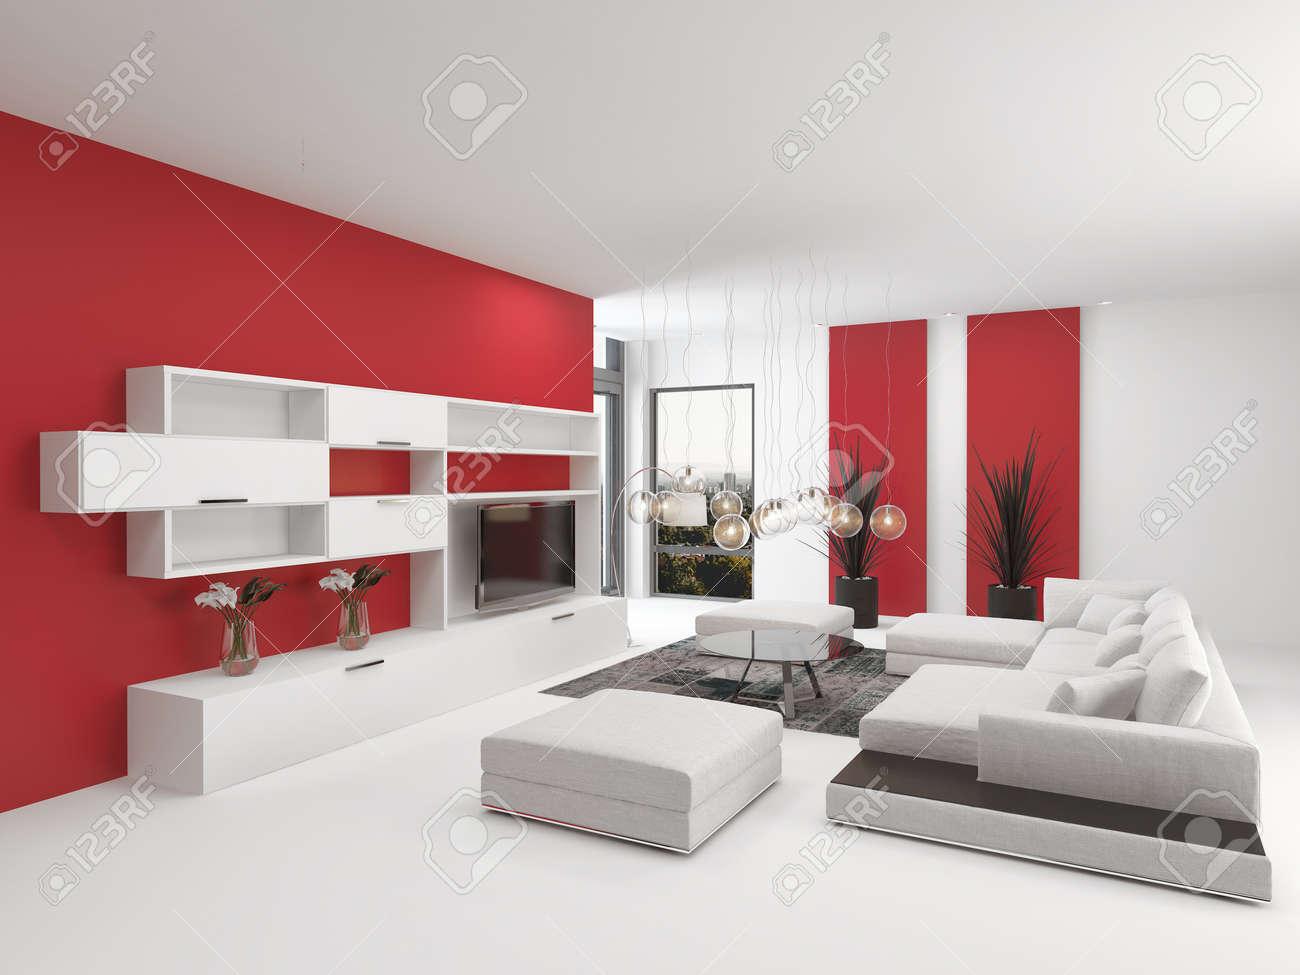 Distinguido Interior Living Moderno Con Toques Rojos Vivos Y ...